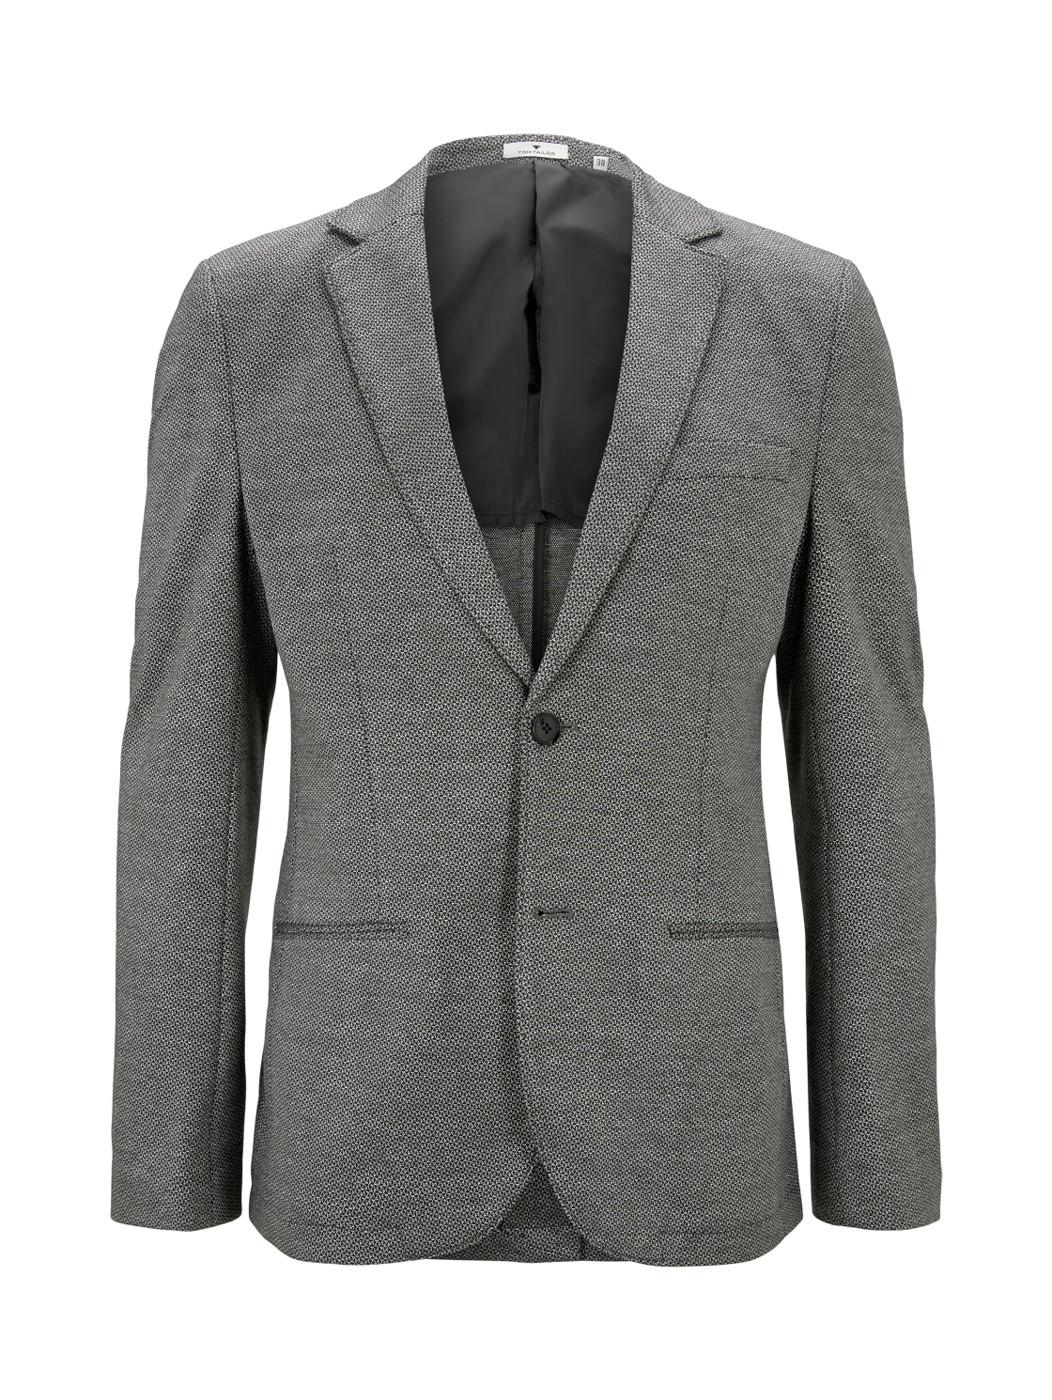 small structure jersey blazer - Herren